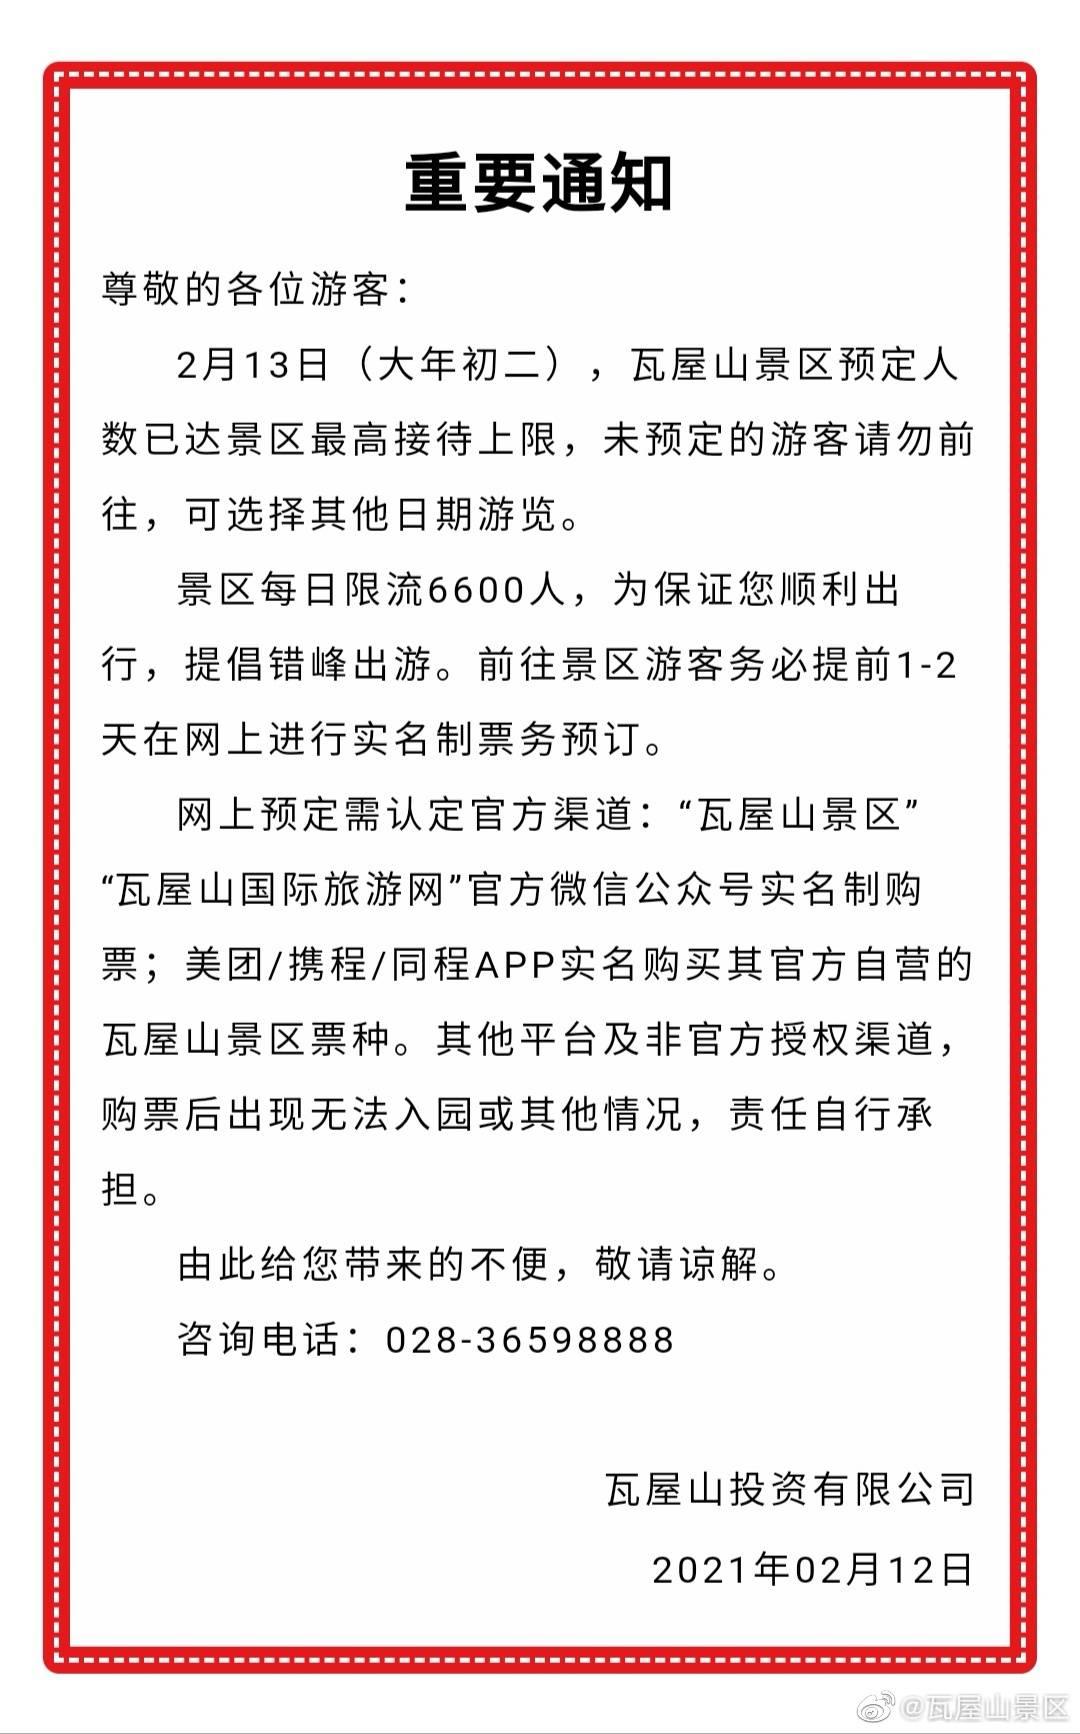 注意!四川瓦屋山今日已满客 请至少提前一天在网上实名预定门票